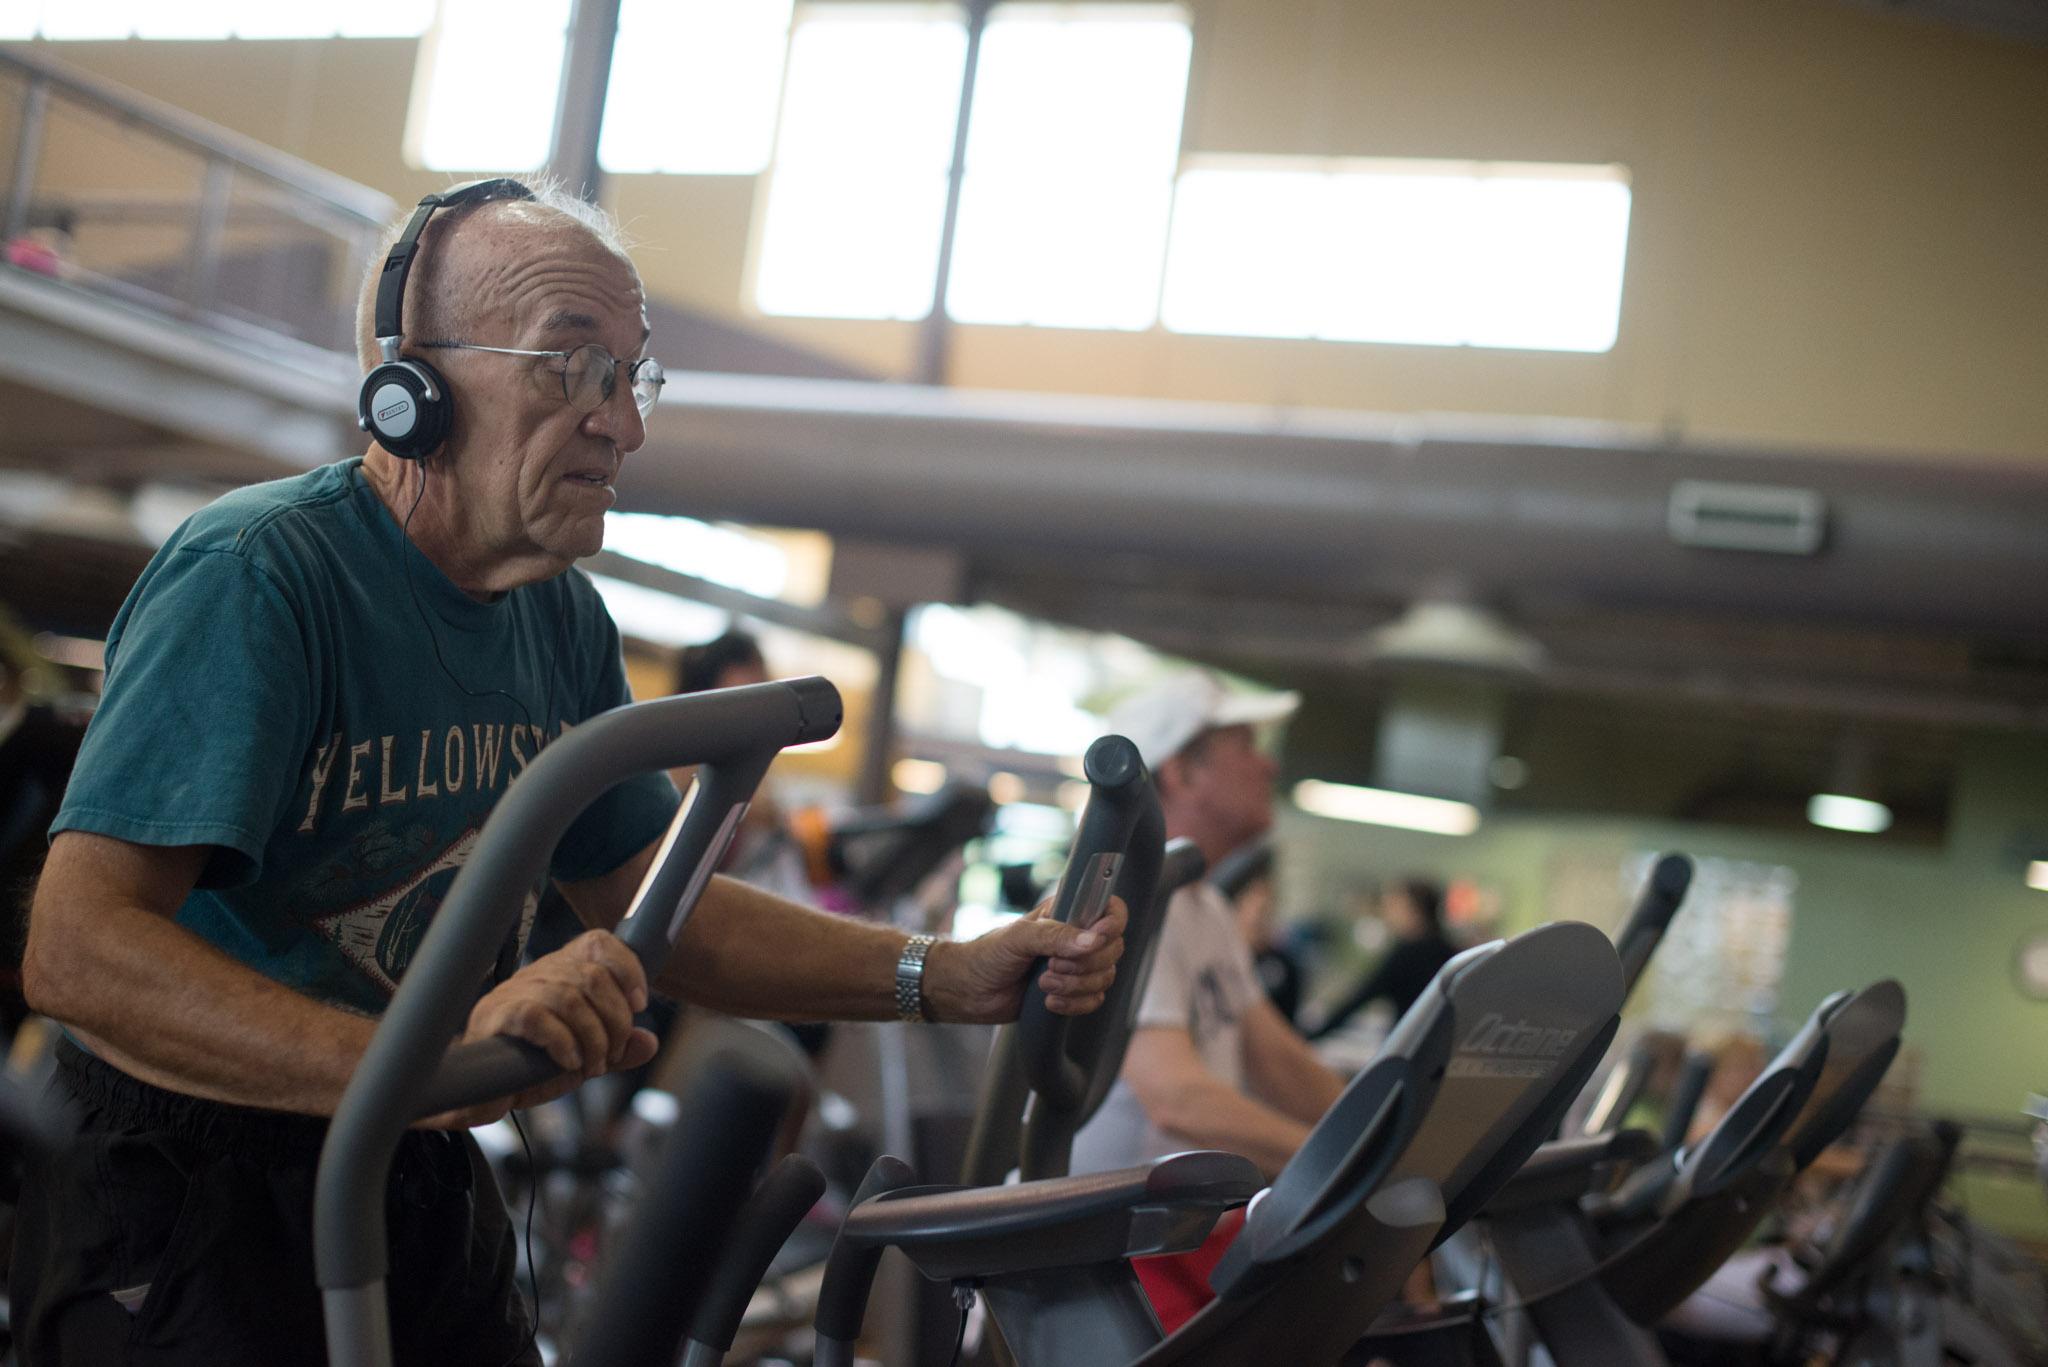 Wellness Center Stock Photos-1167.jpg